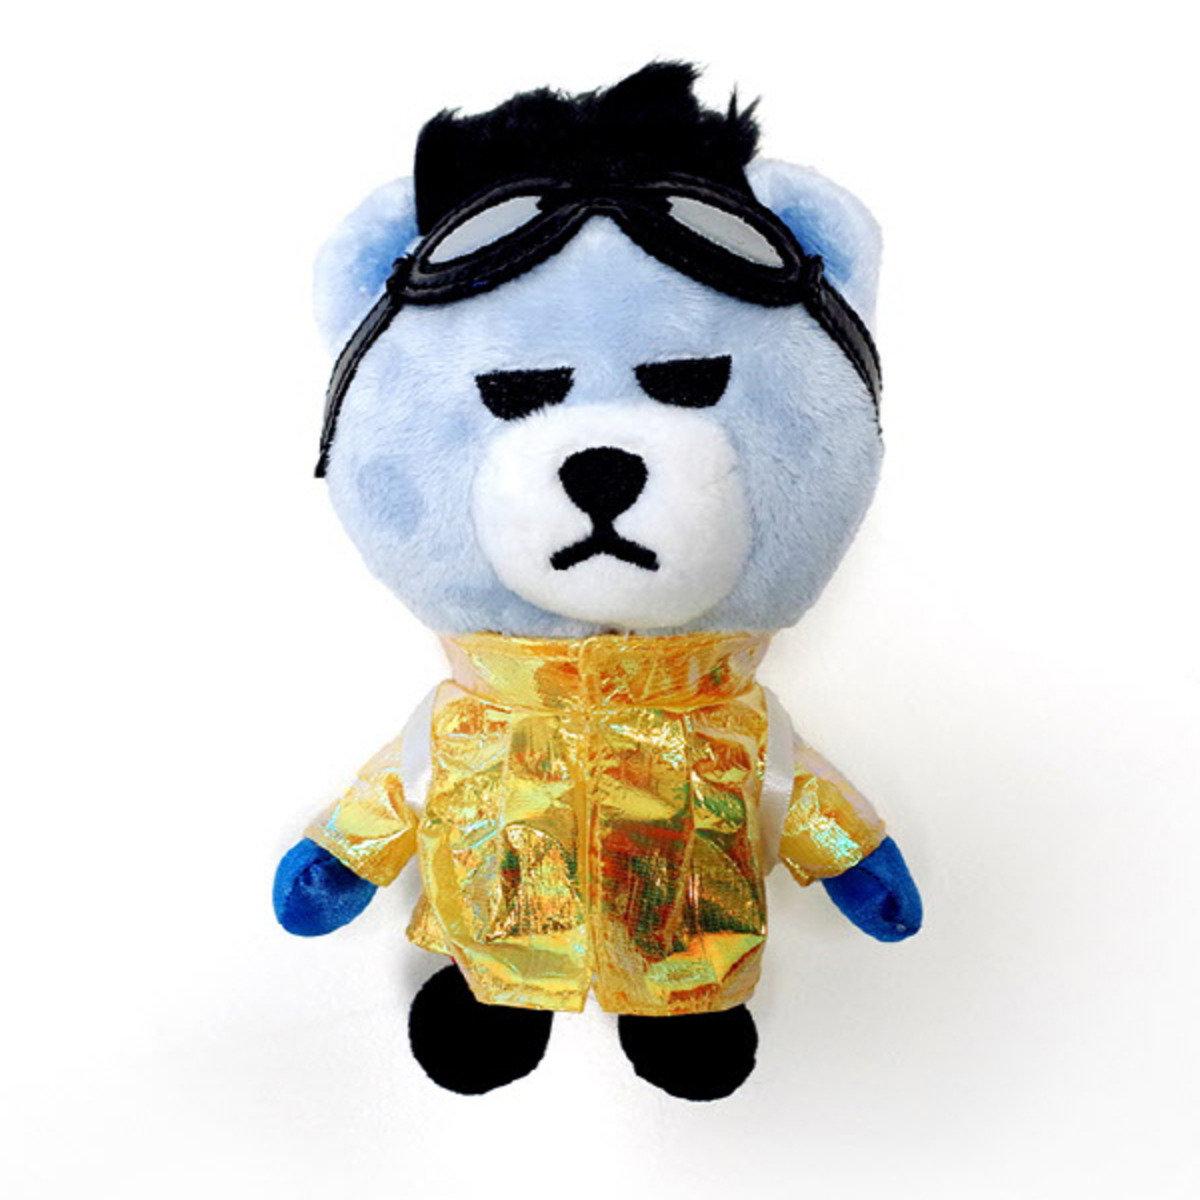 BIGBANG - KRUNK X BIGBANG BAEBAE VER. (G-DRAGON)